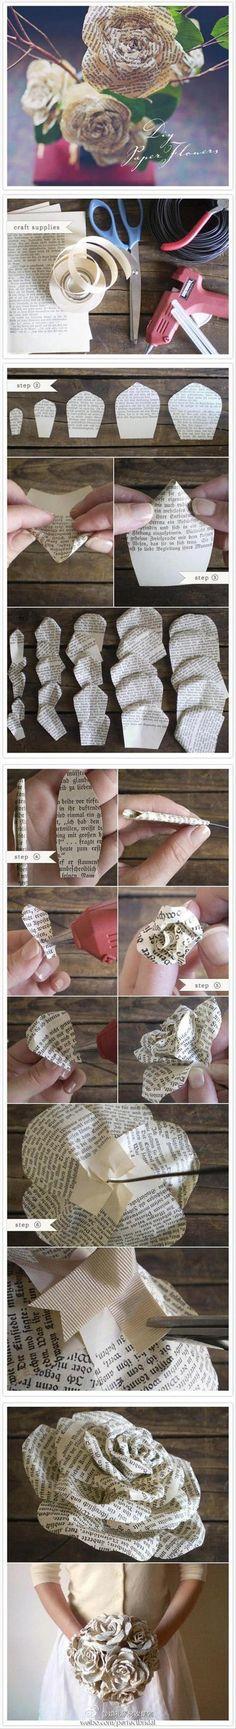 Craft & DIY Inspiration- DIY Paper flowers